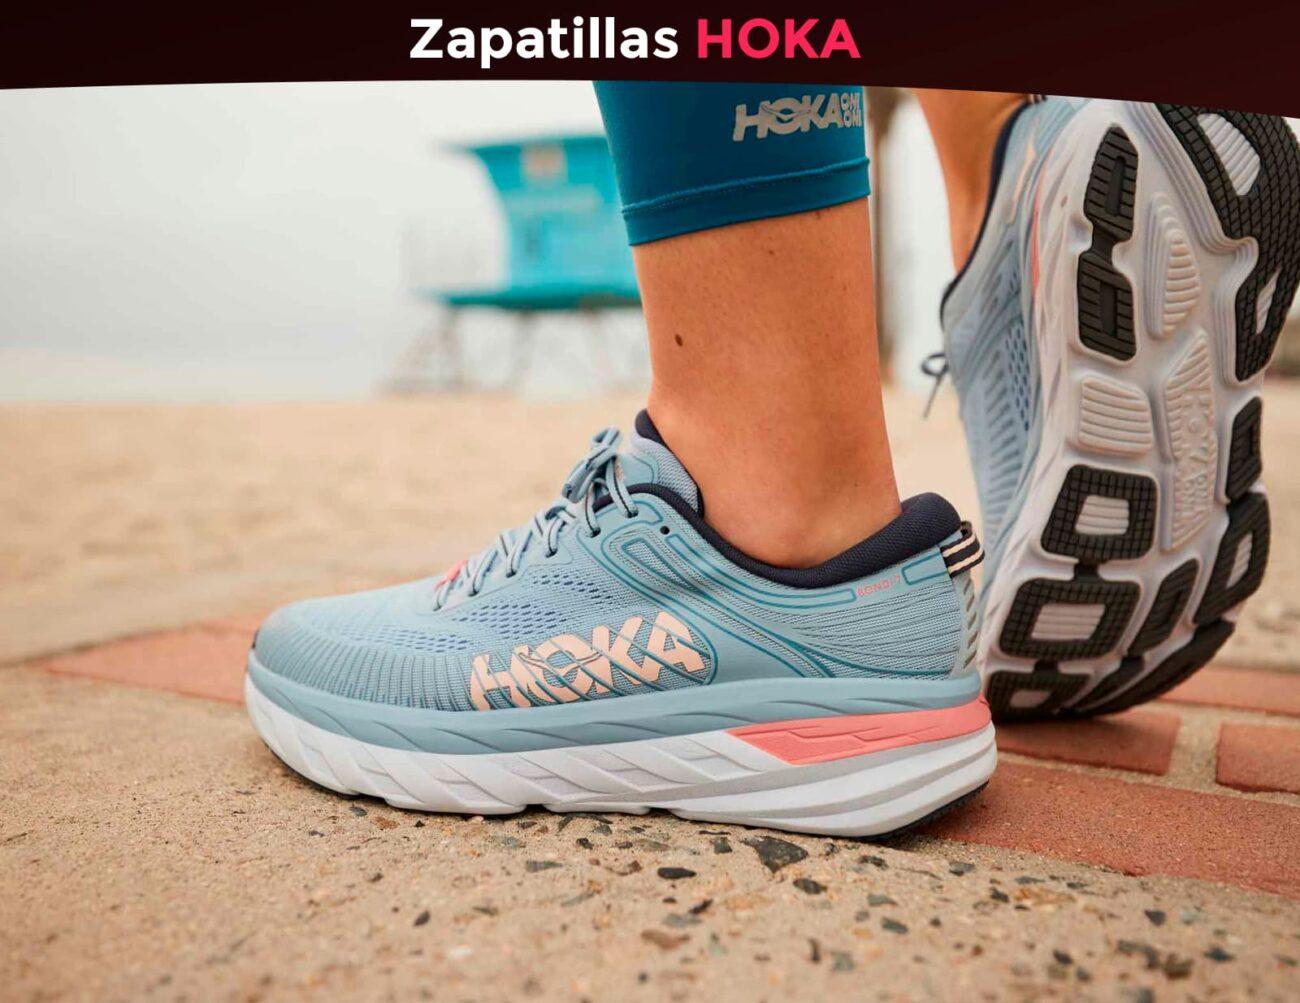 Zapatillas Hoka